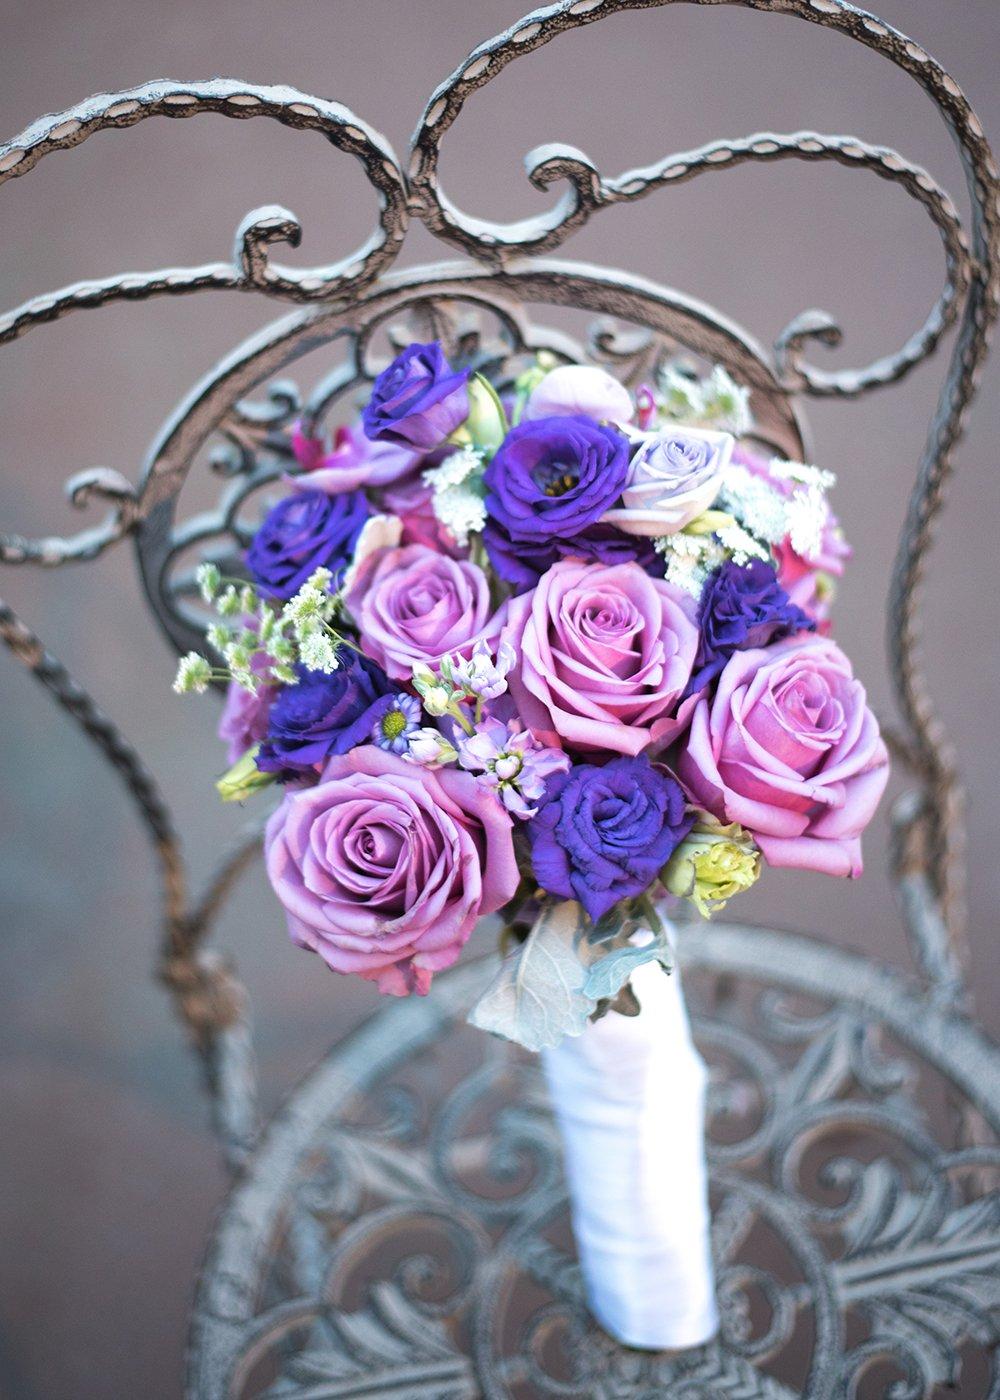 purple wedding bouquet in iron chair